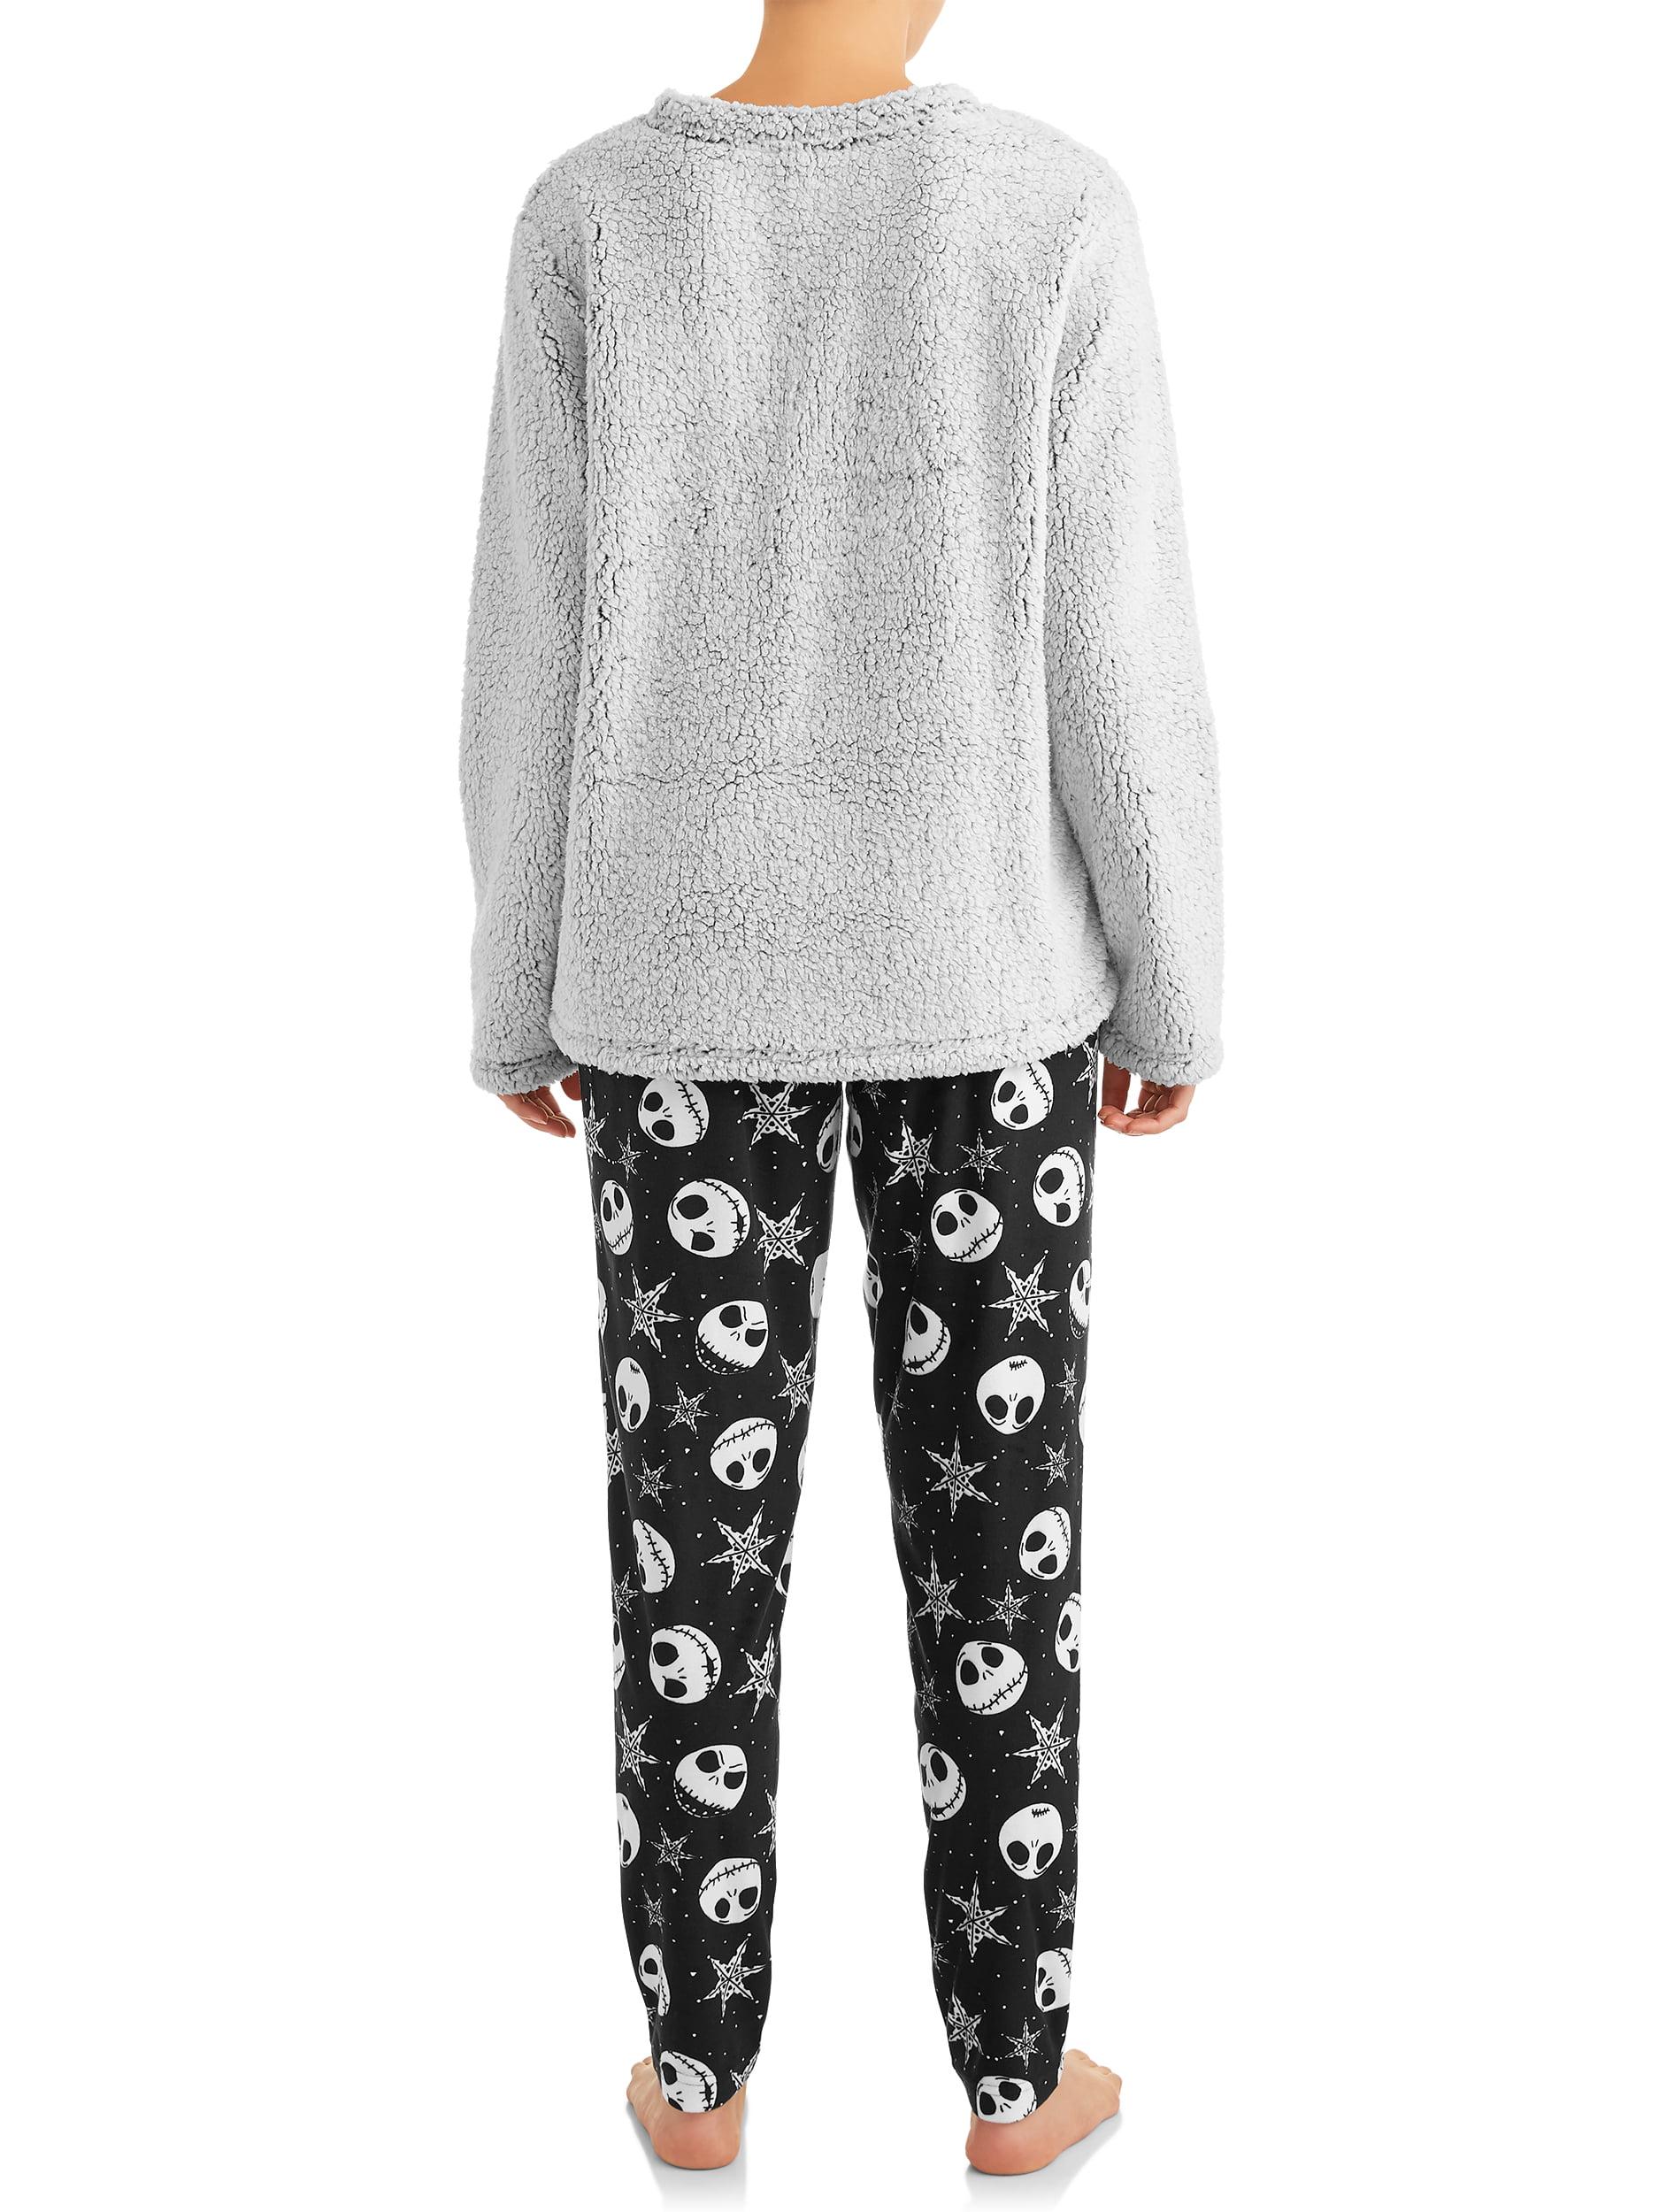 Ladies Pale Grey Furry Panda Eyes Soft Fleece Lounge Pyjamas In Sizes 8-18